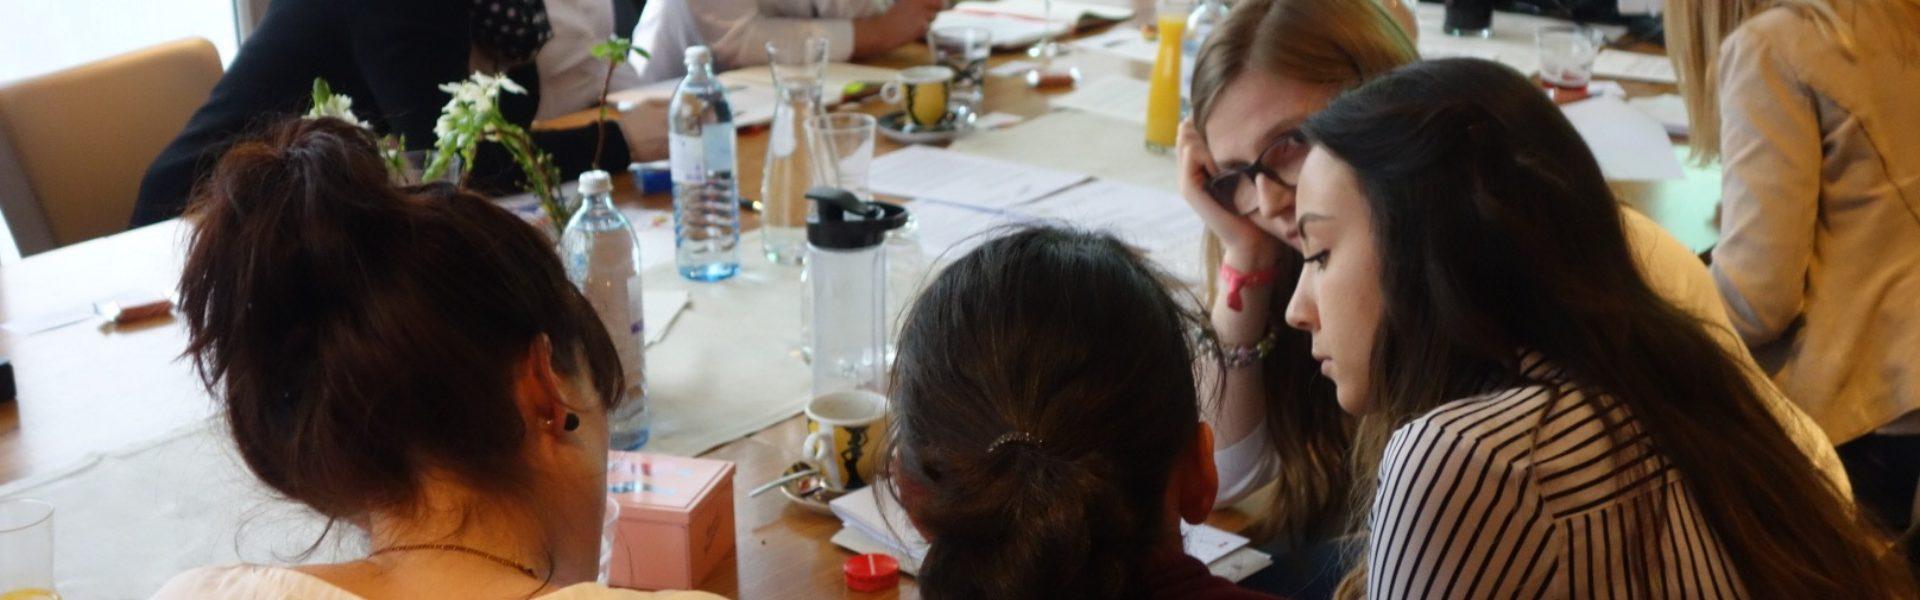 Fachworkshop zum Umgang mit Gästekritik (c) Vorarlberg Tourismus